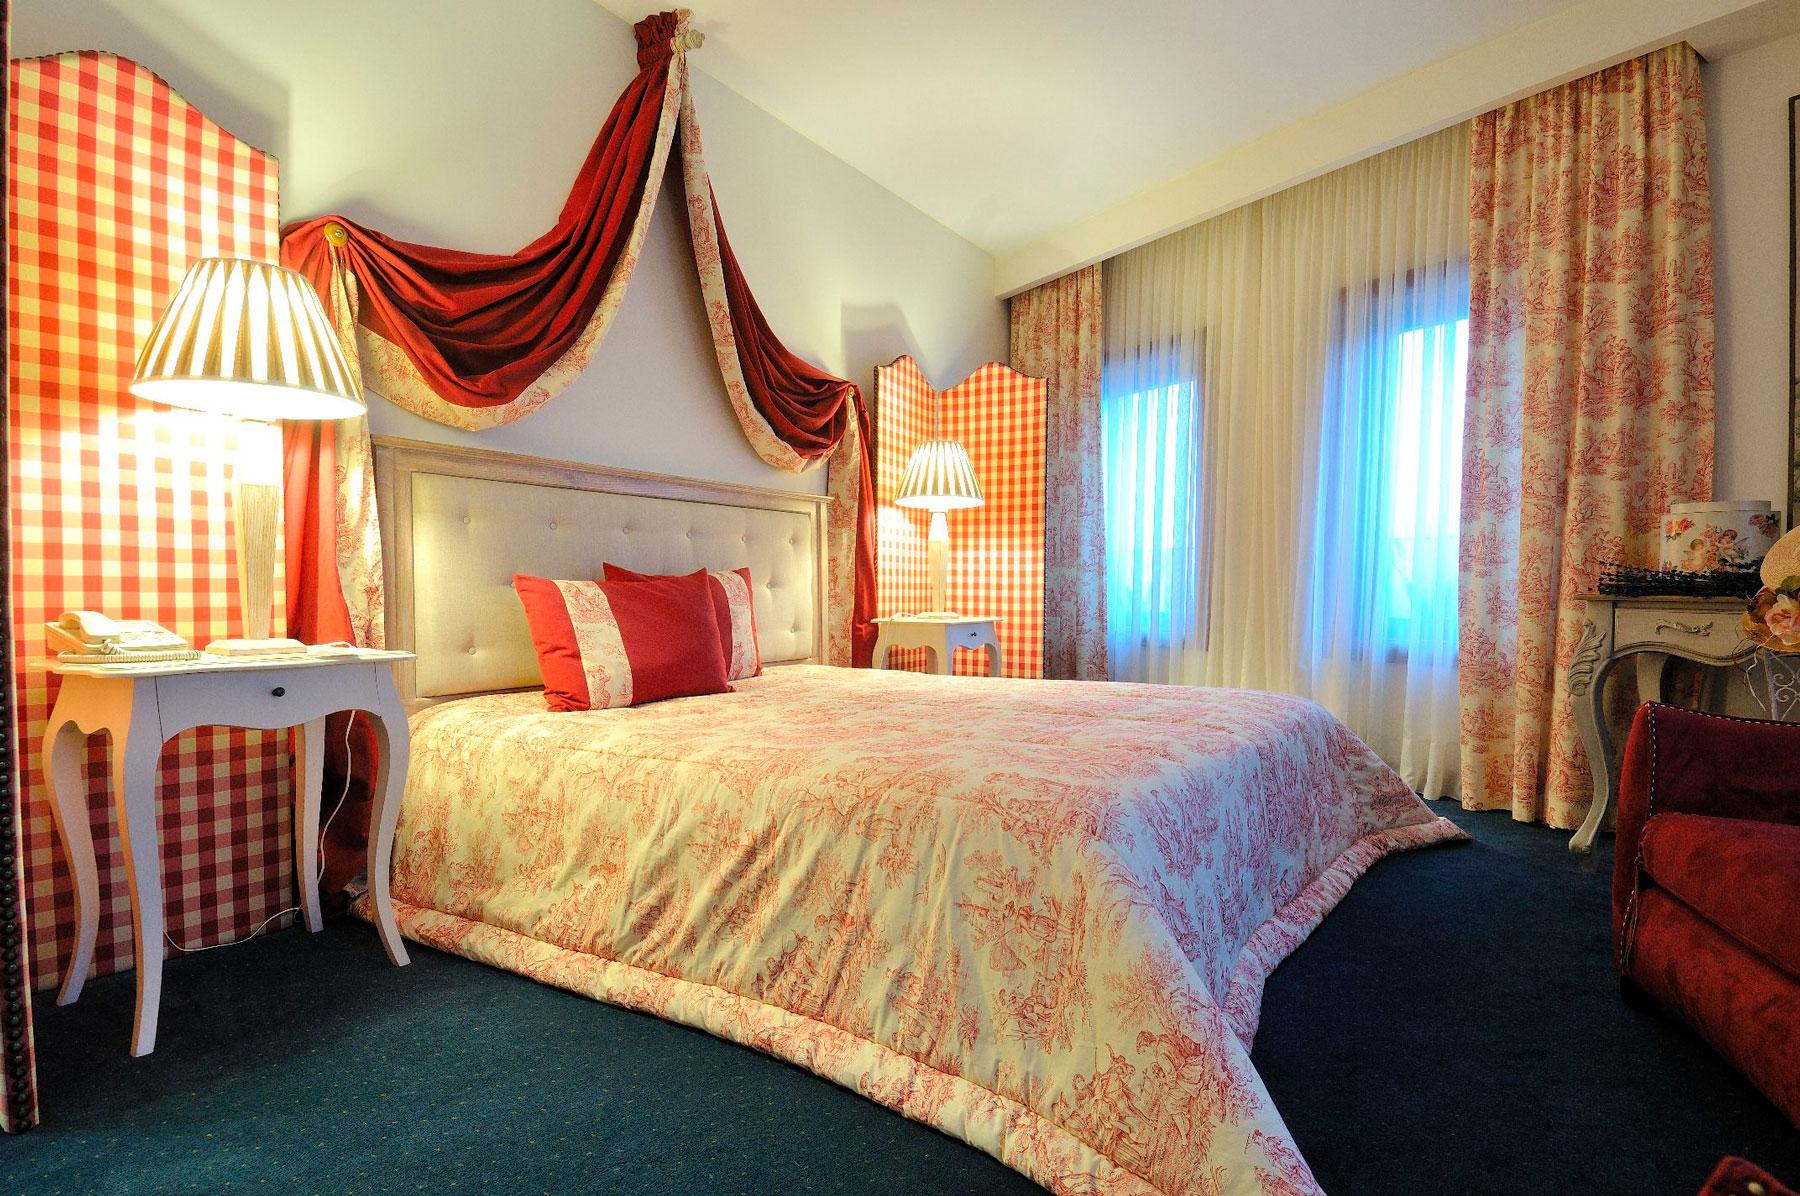 Hotel Moliceiro, Aveiro ©D.R.